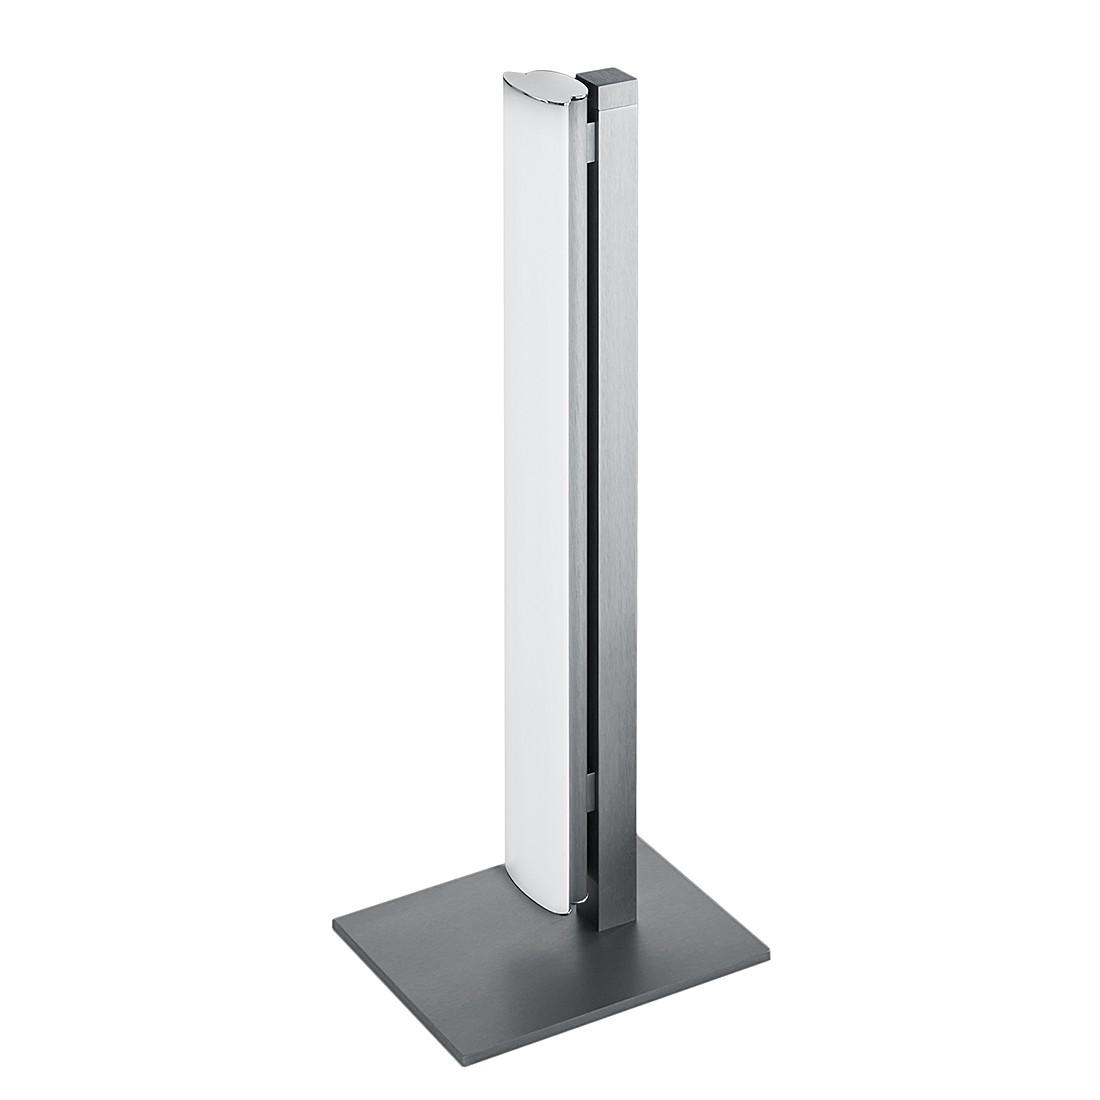 EEK A+, Tischleuchte VENTA – Metall/Kunststoff – Silber, Helestra günstig